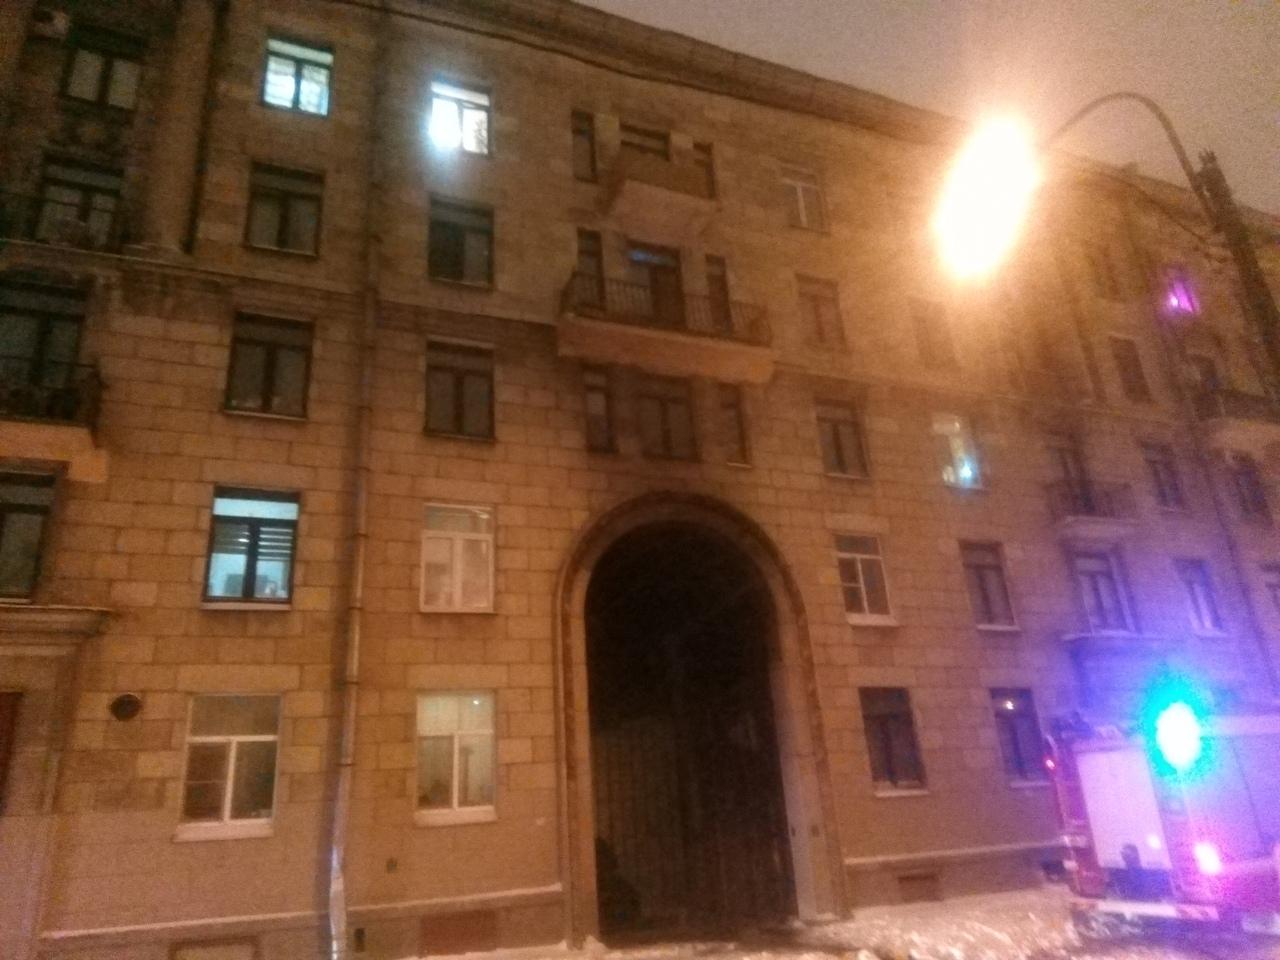 Сгорела машина Каршеринга в подворотне дома 12 по улице Корнеева